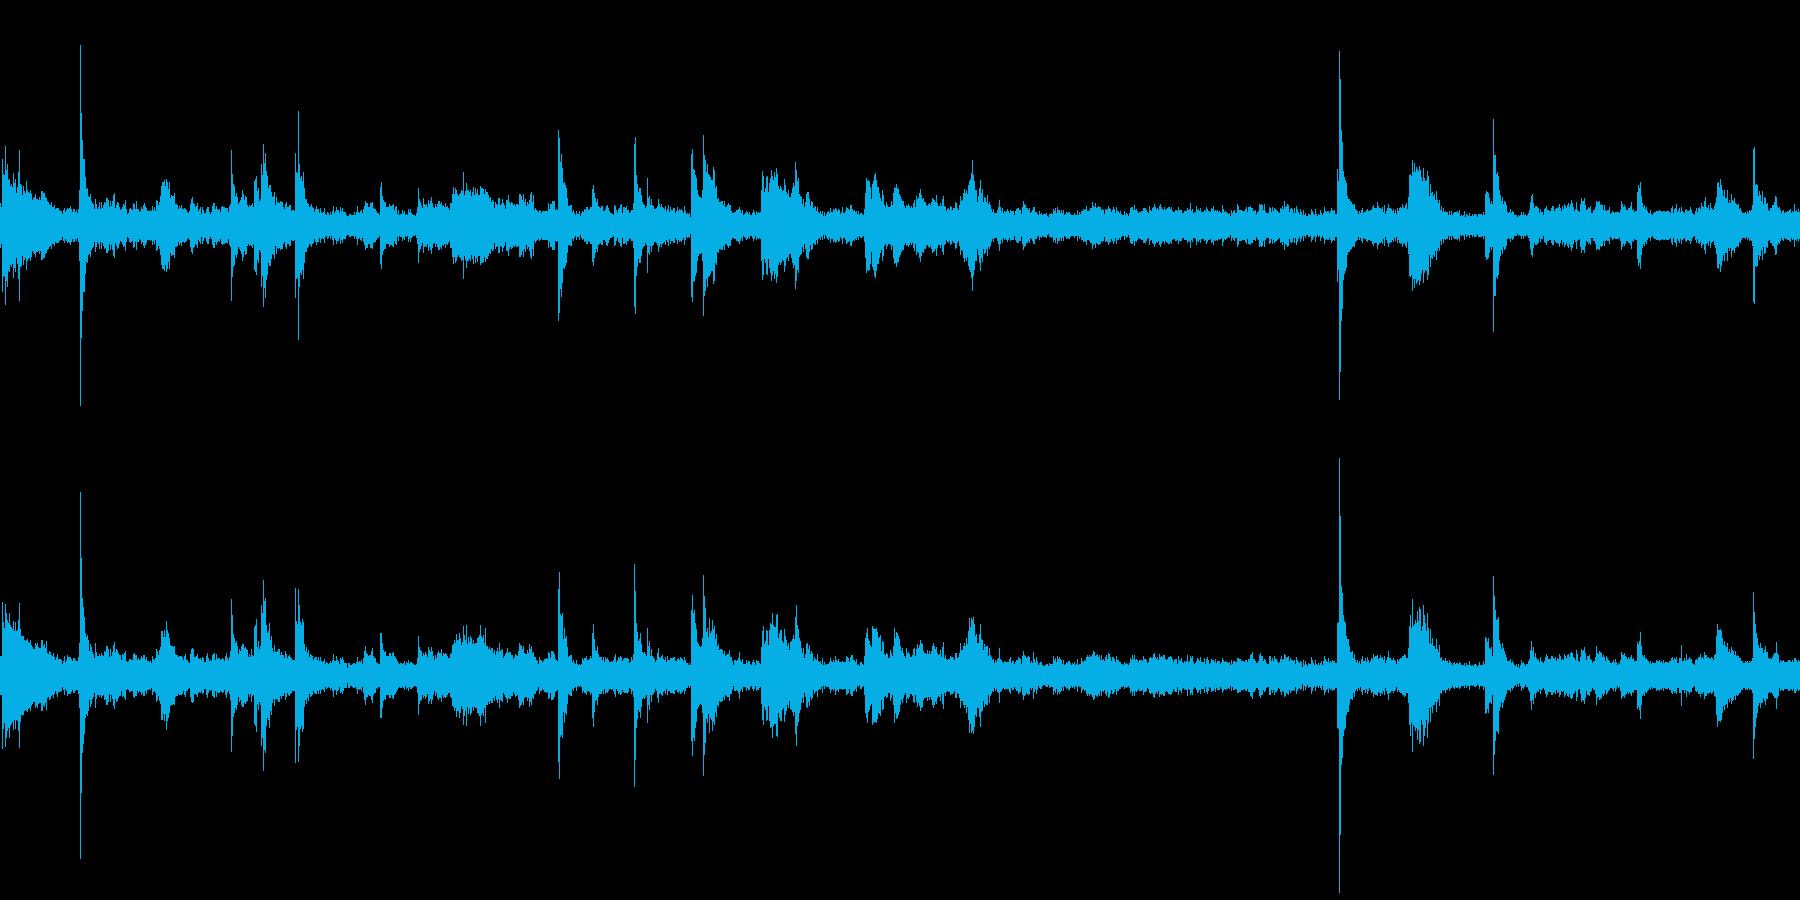 ボウリング場(環境音)の再生済みの波形